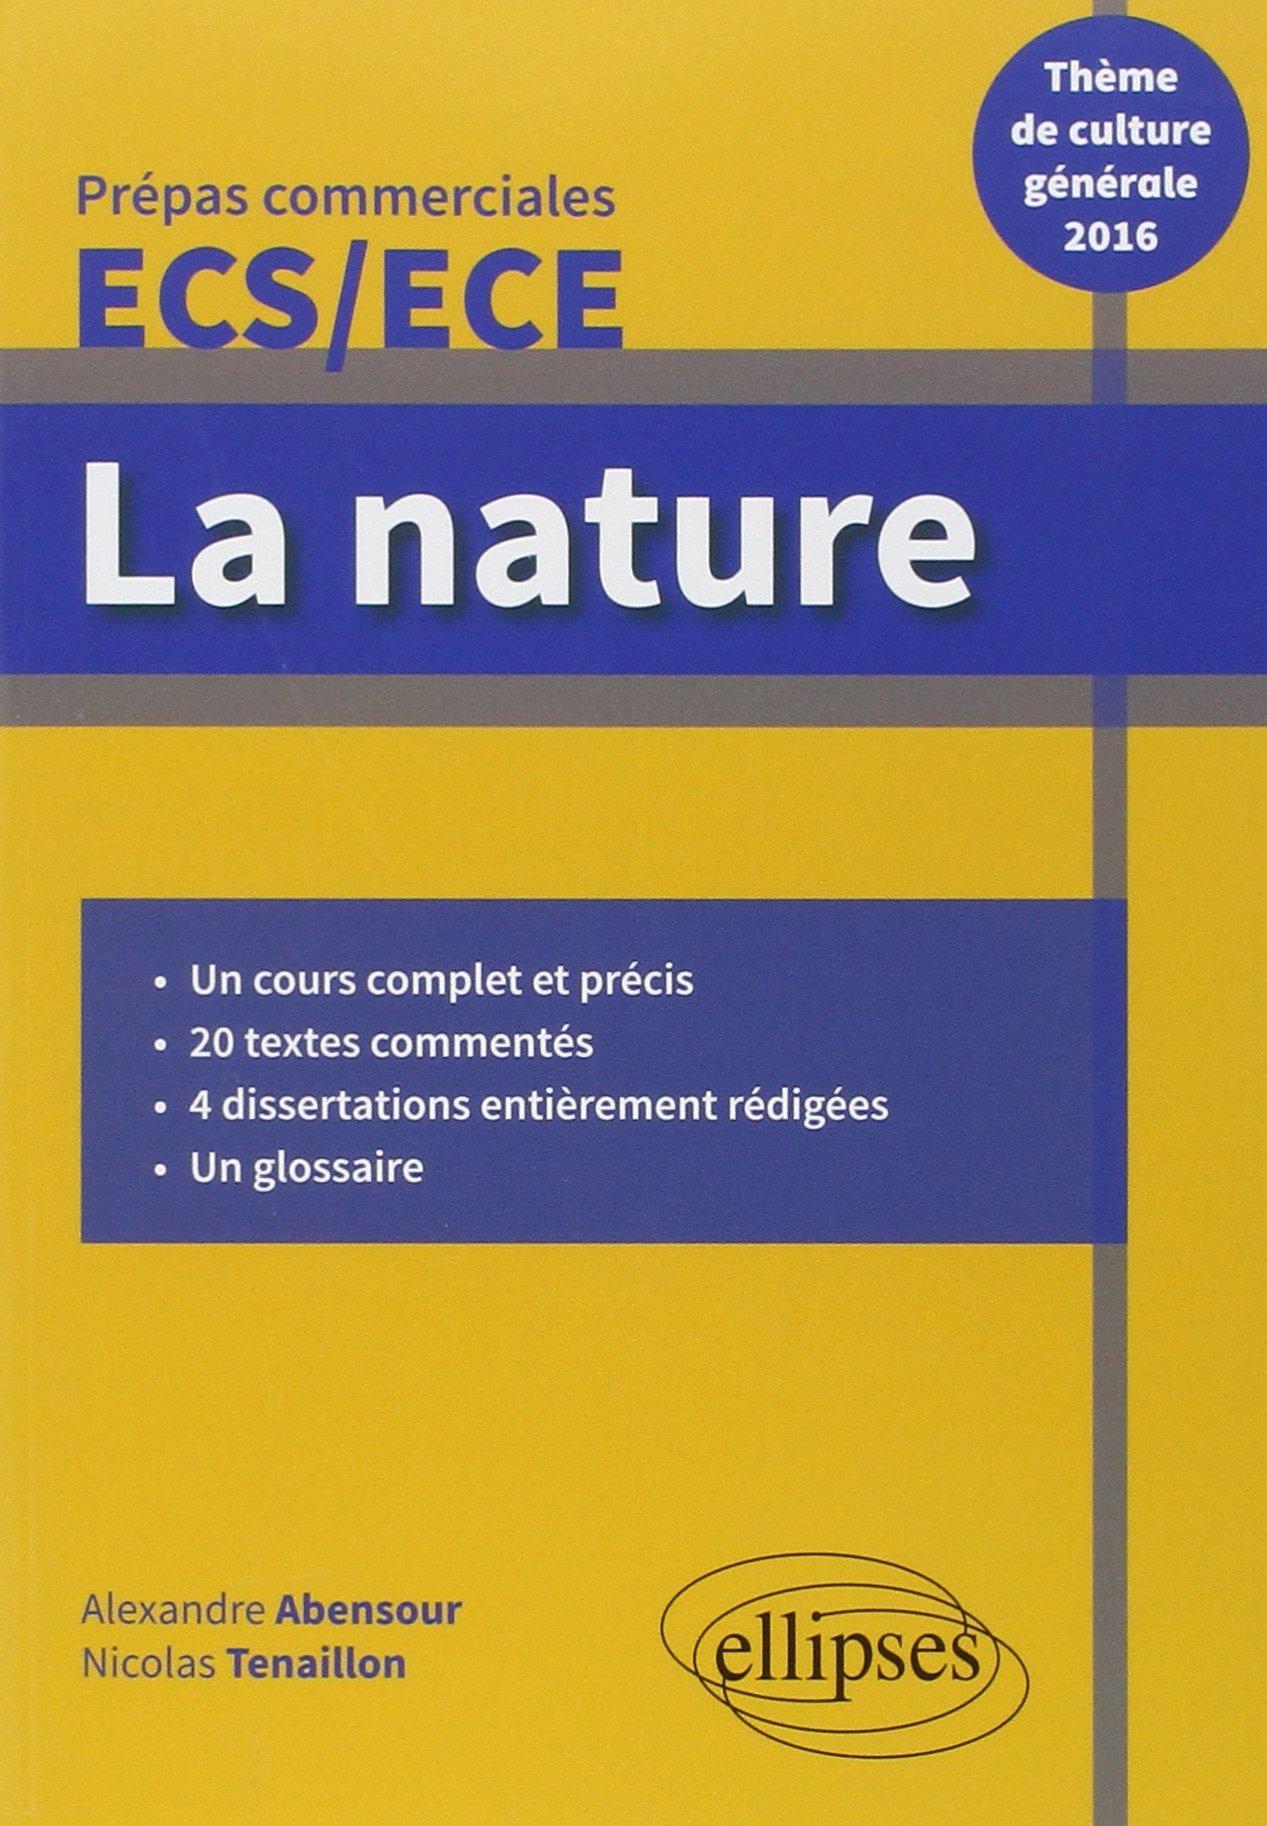 Culture générale nature